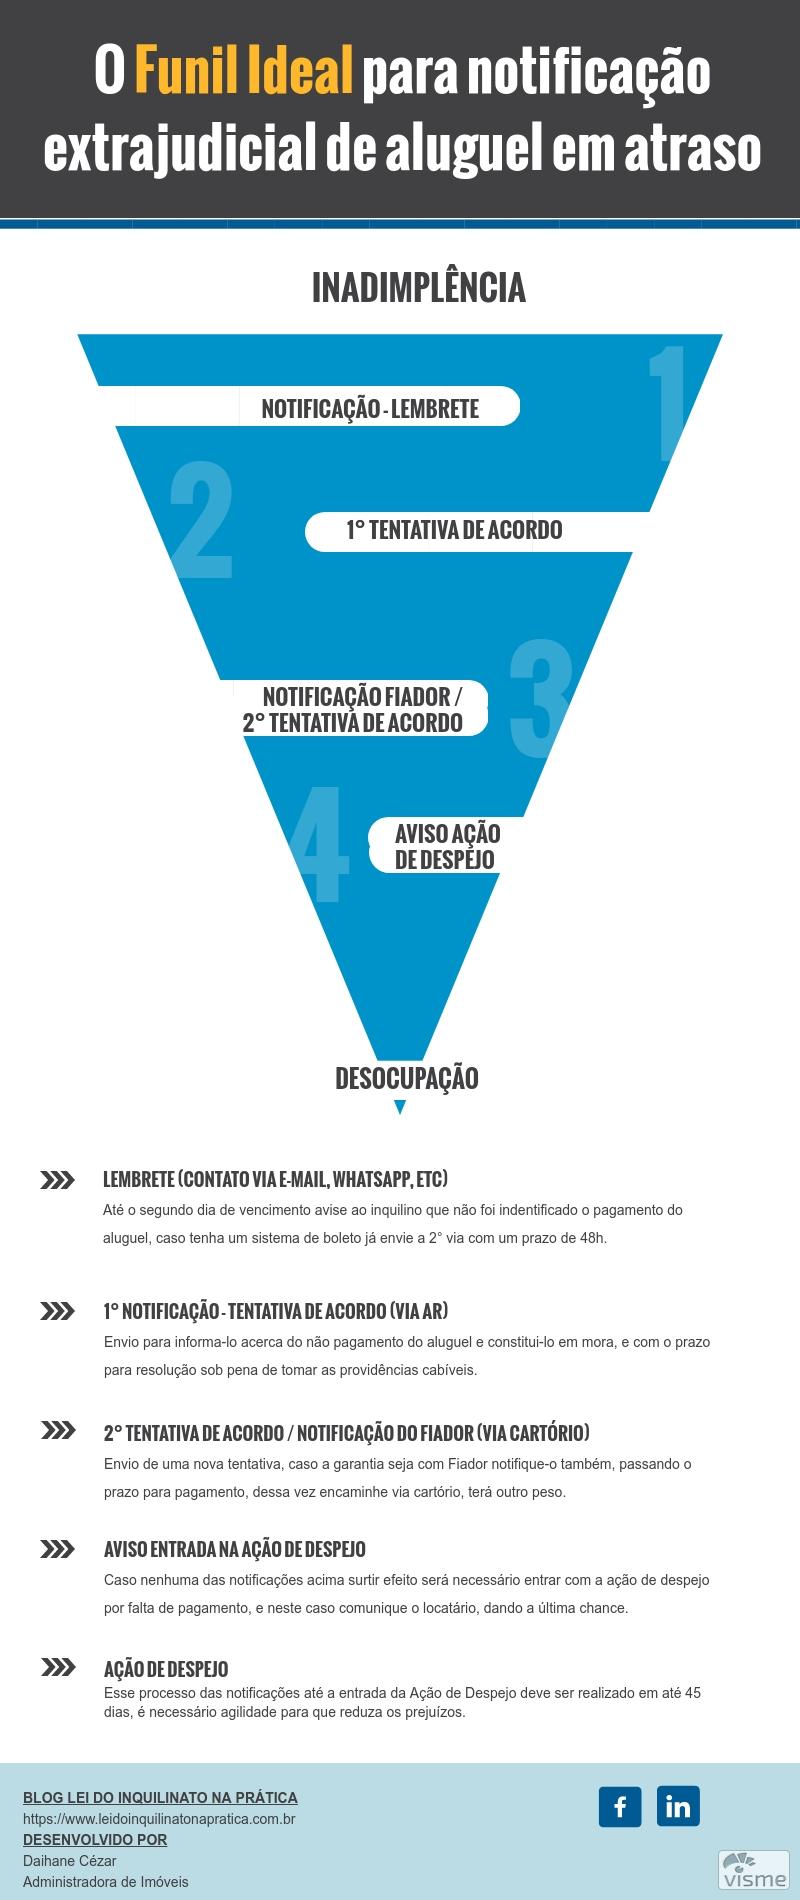 infografico-notificacao-extrajudicial-de-cobranca-de-aluguel